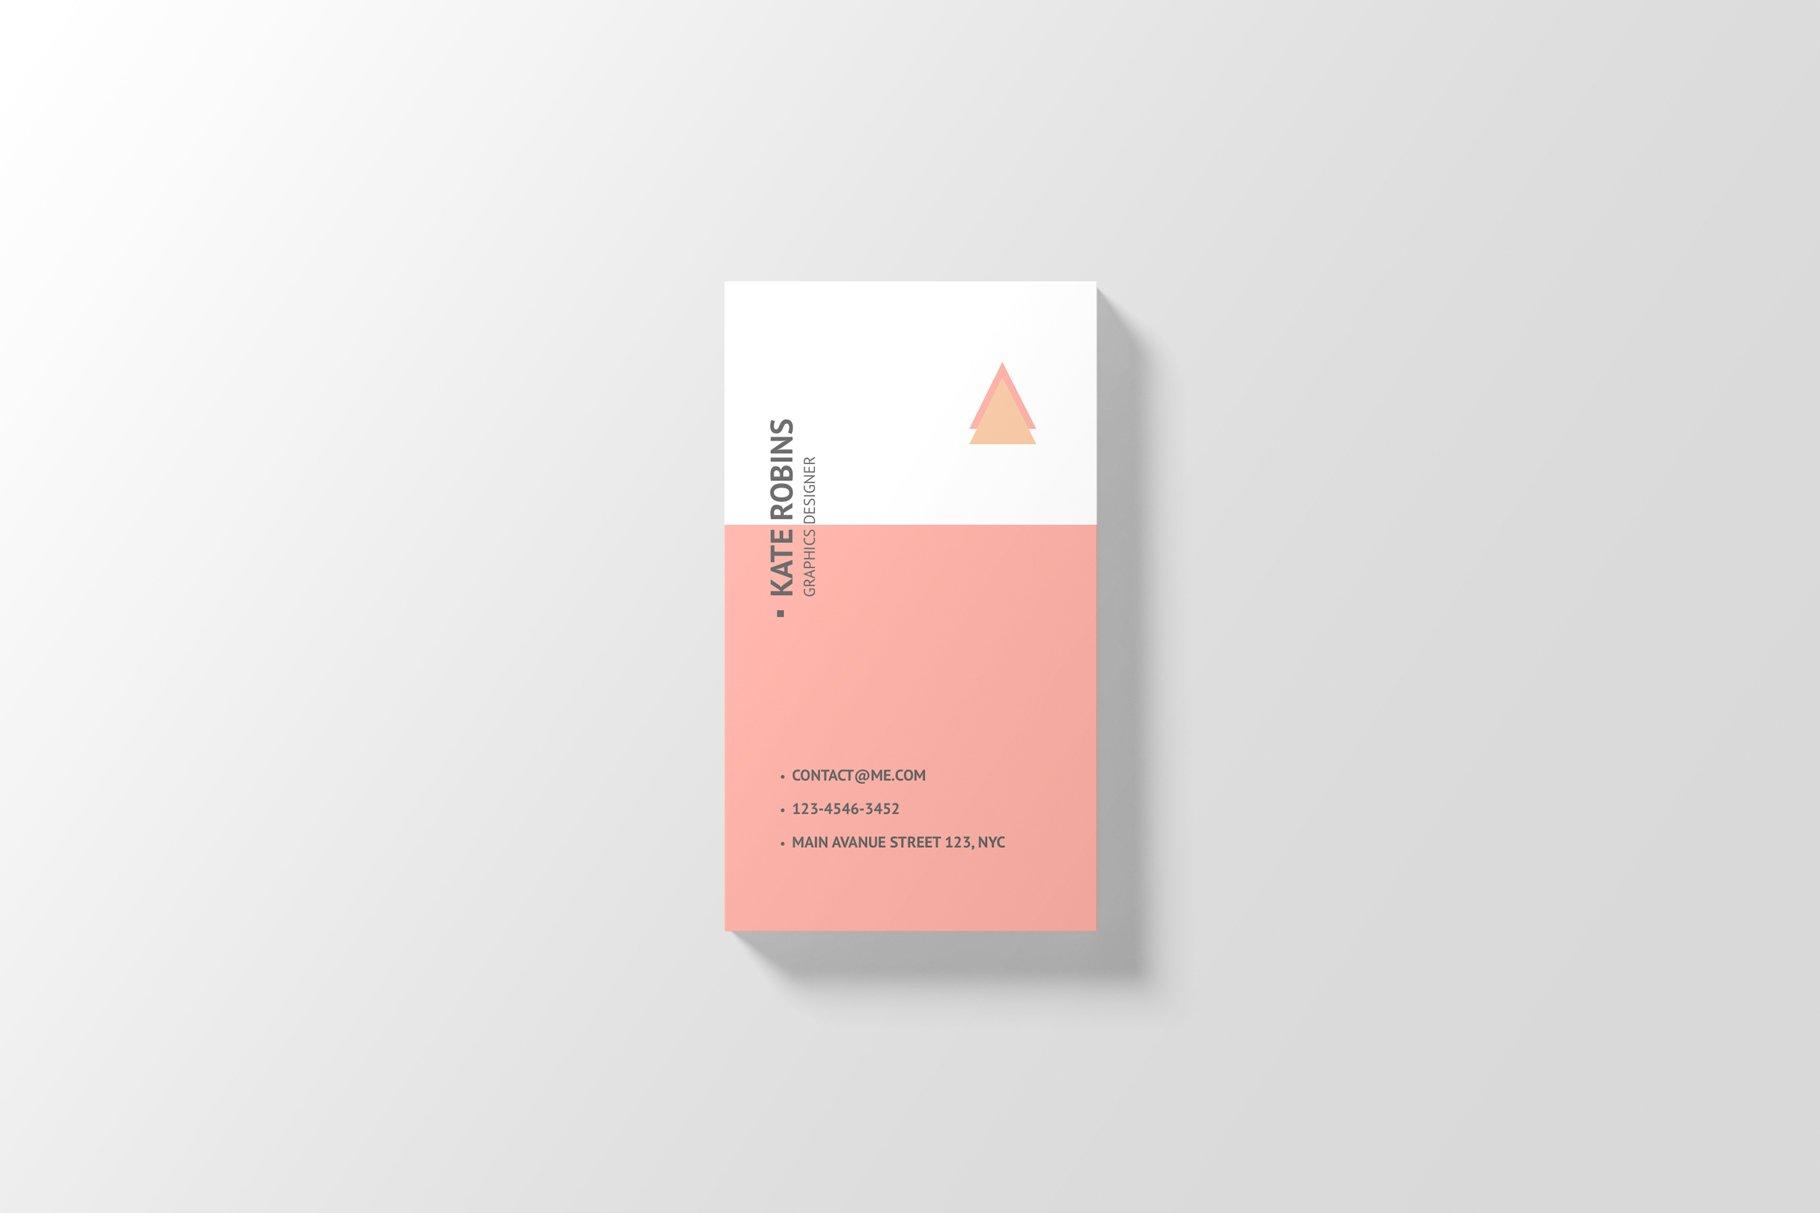 14款商务个人名片卡片设计展示样机 Portrait Business Card Mockup插图(11)